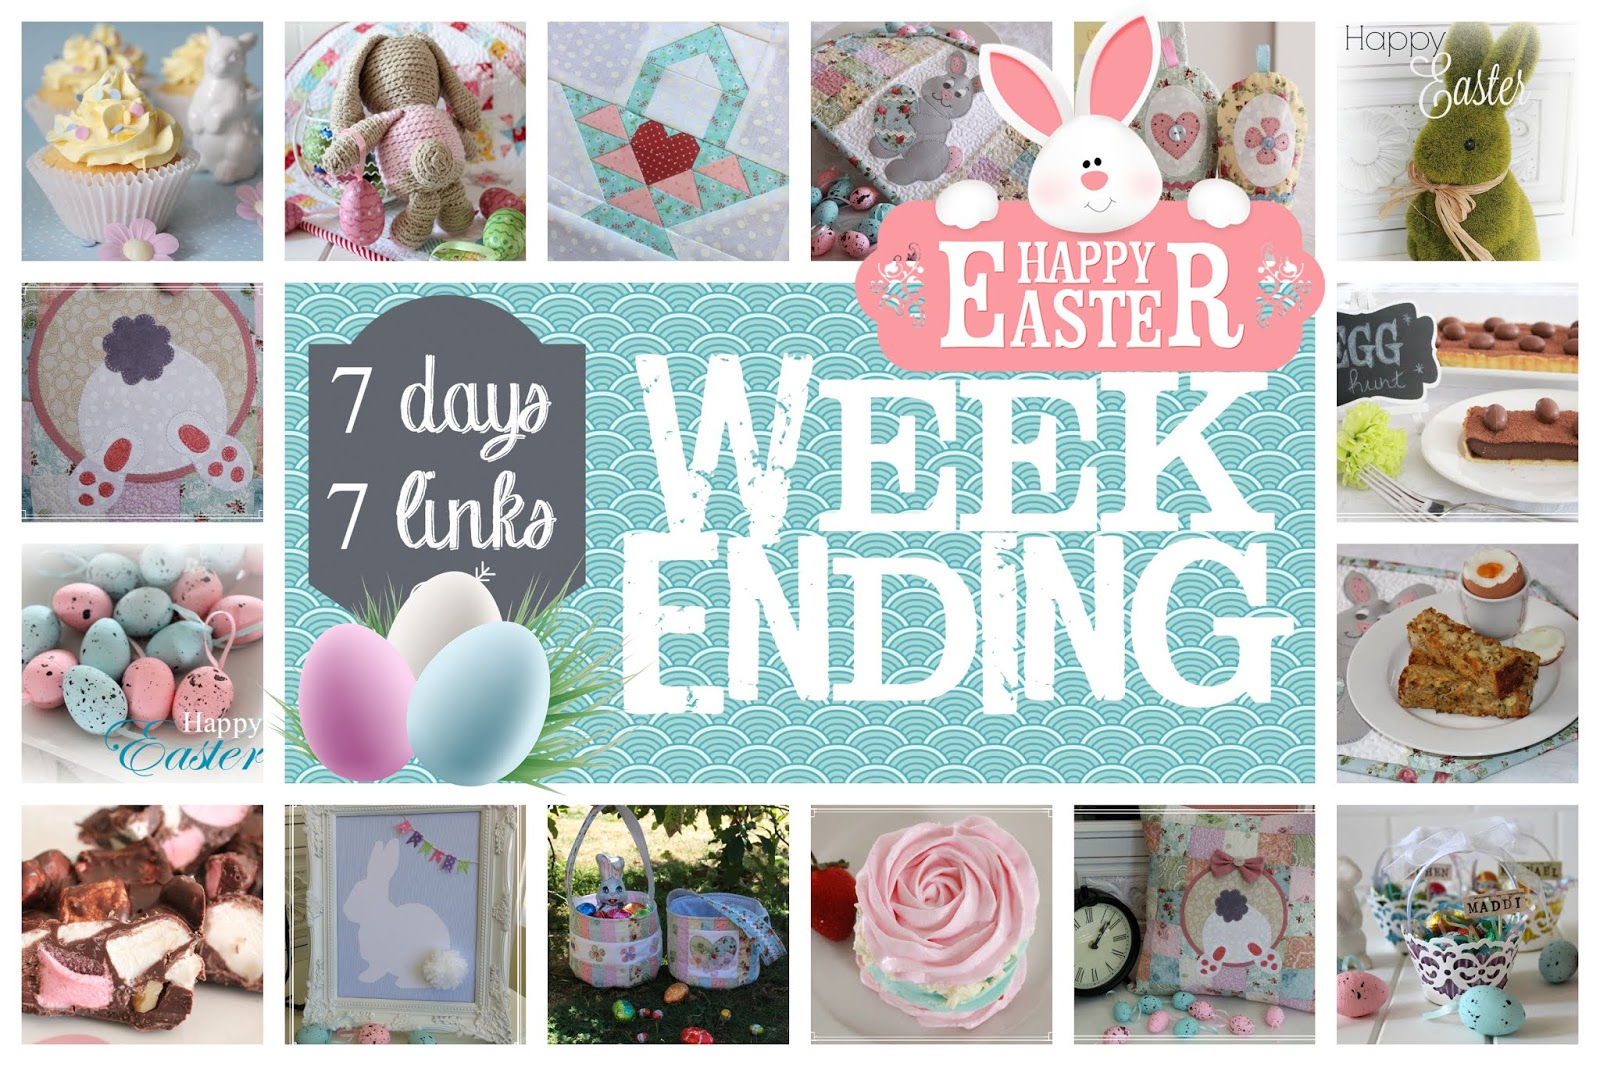 Week Ending (March 17)